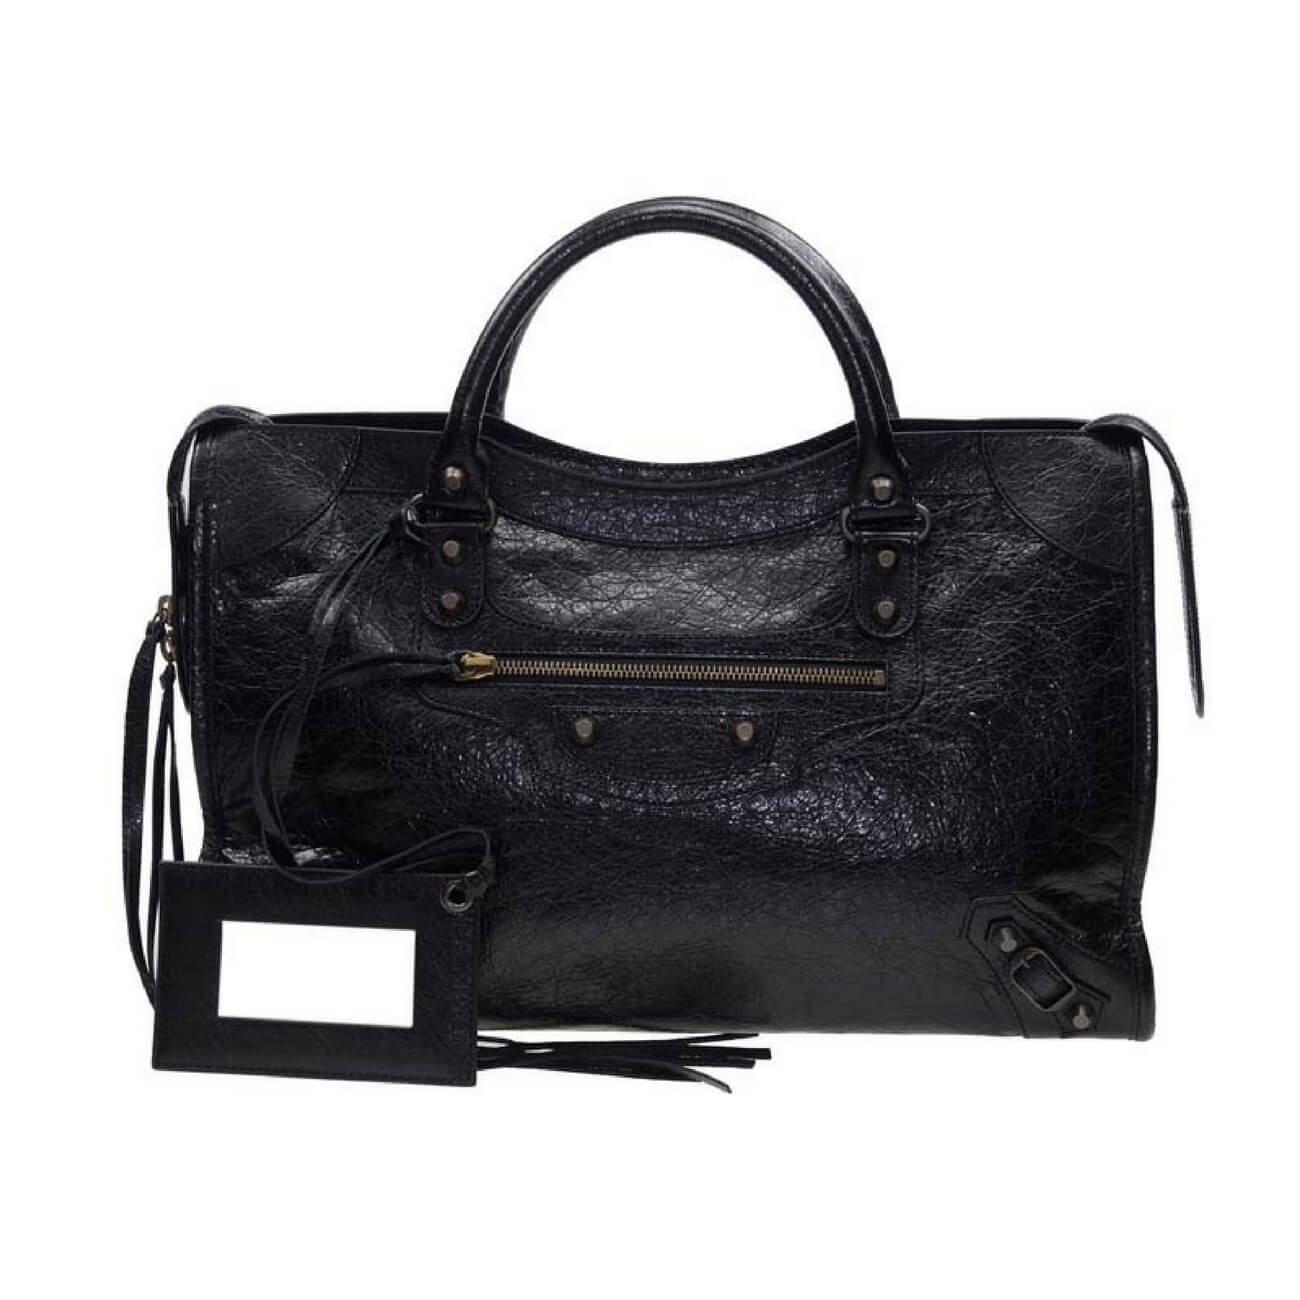 Balenciaga Classic City Shoulder Bag, Black